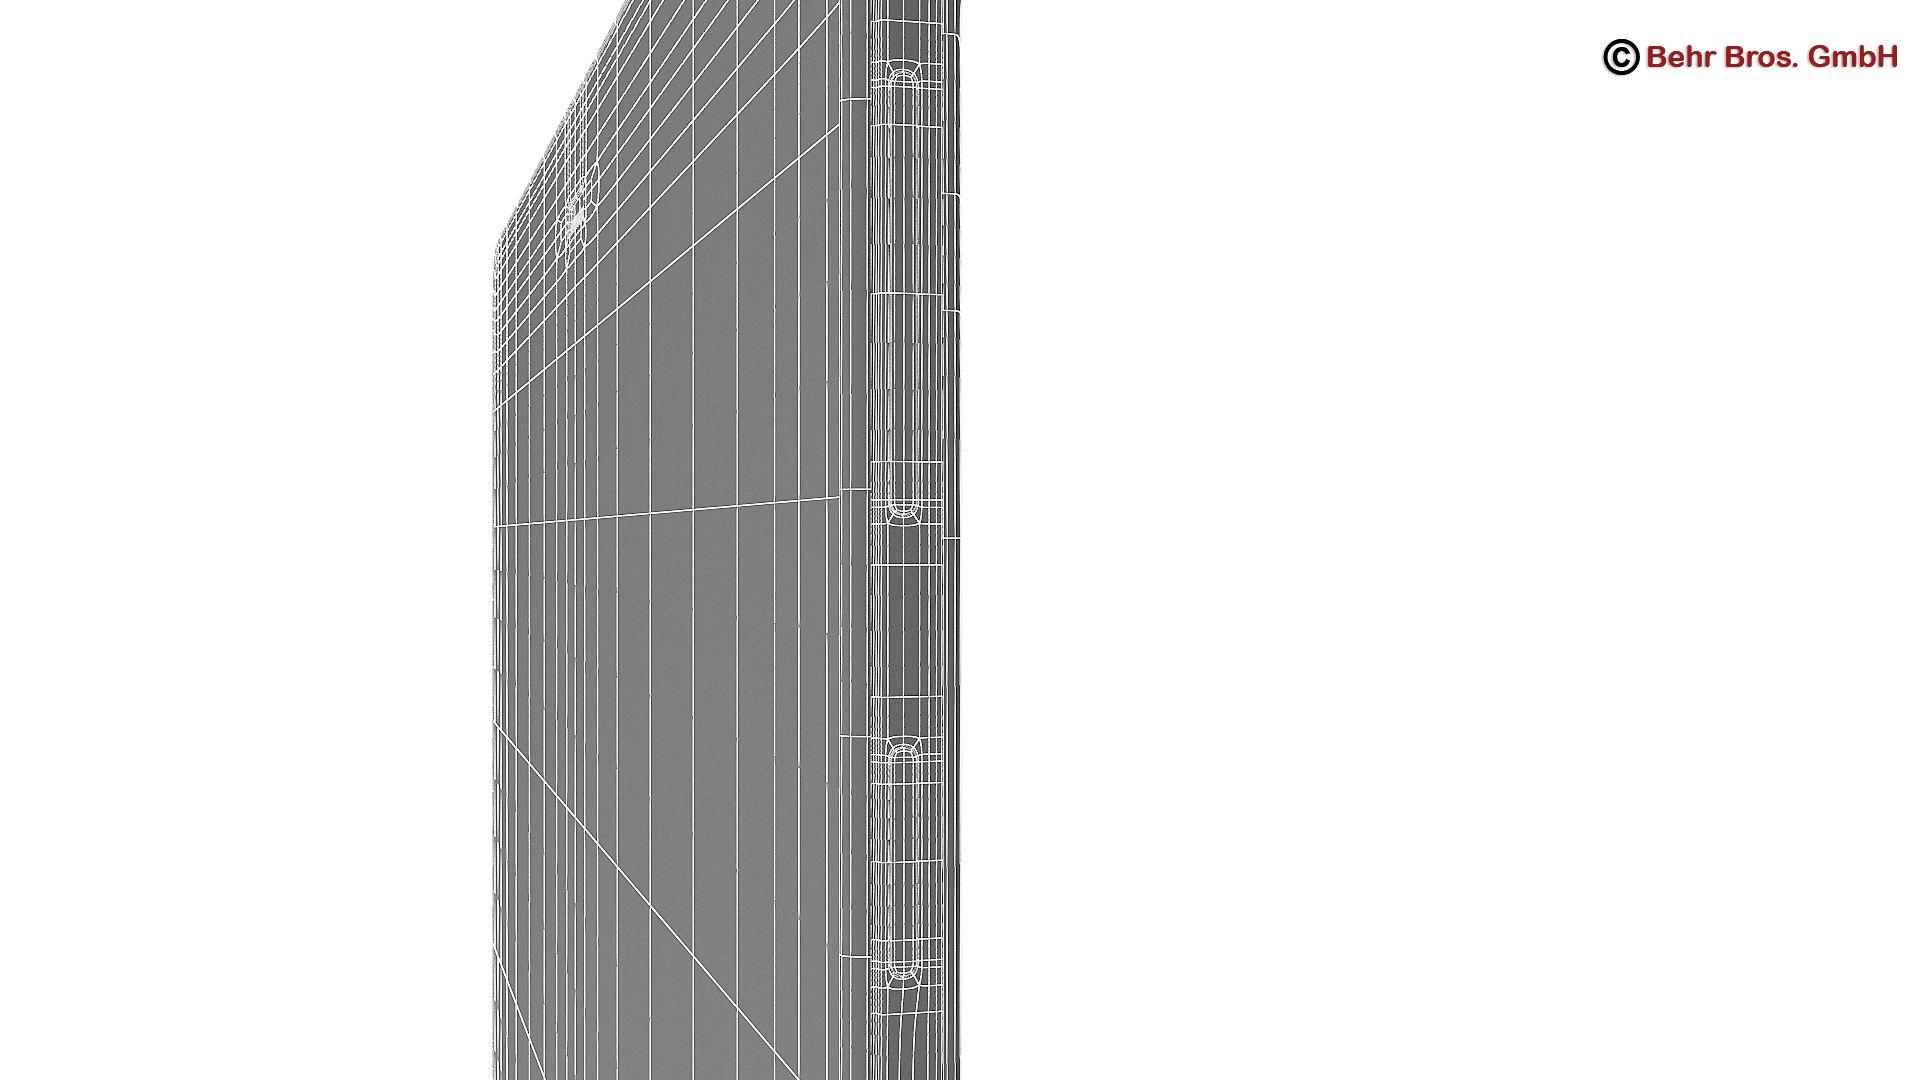 generic tablet 9.7 inch 3d model 3ds max fbx c4d lwo ma mb obj 162919